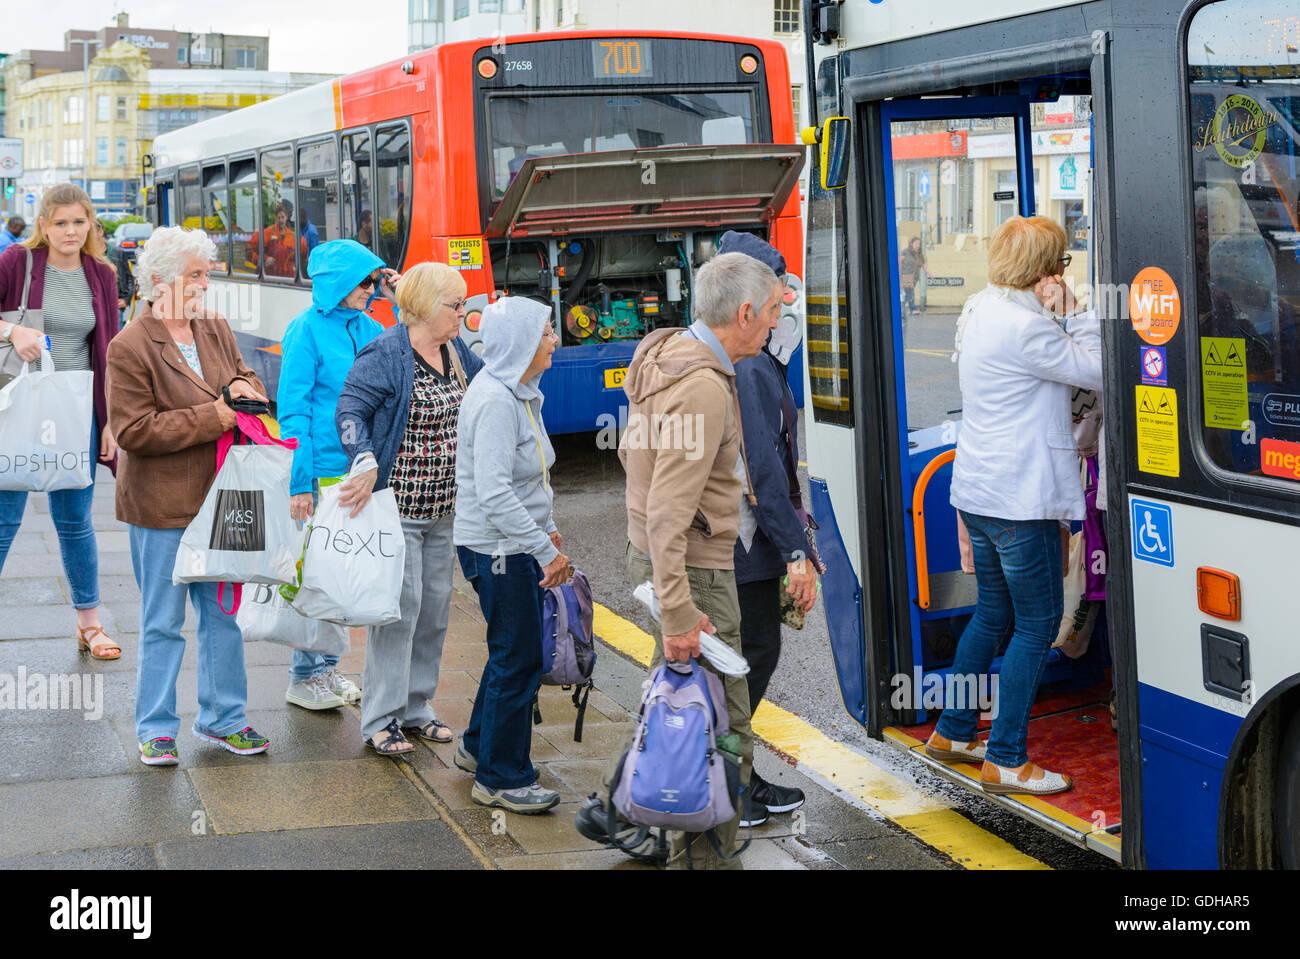 Les gens de la file d'attente d'embarquer dans un bus Stagecoach au Royaume-Uni. Photo Stock